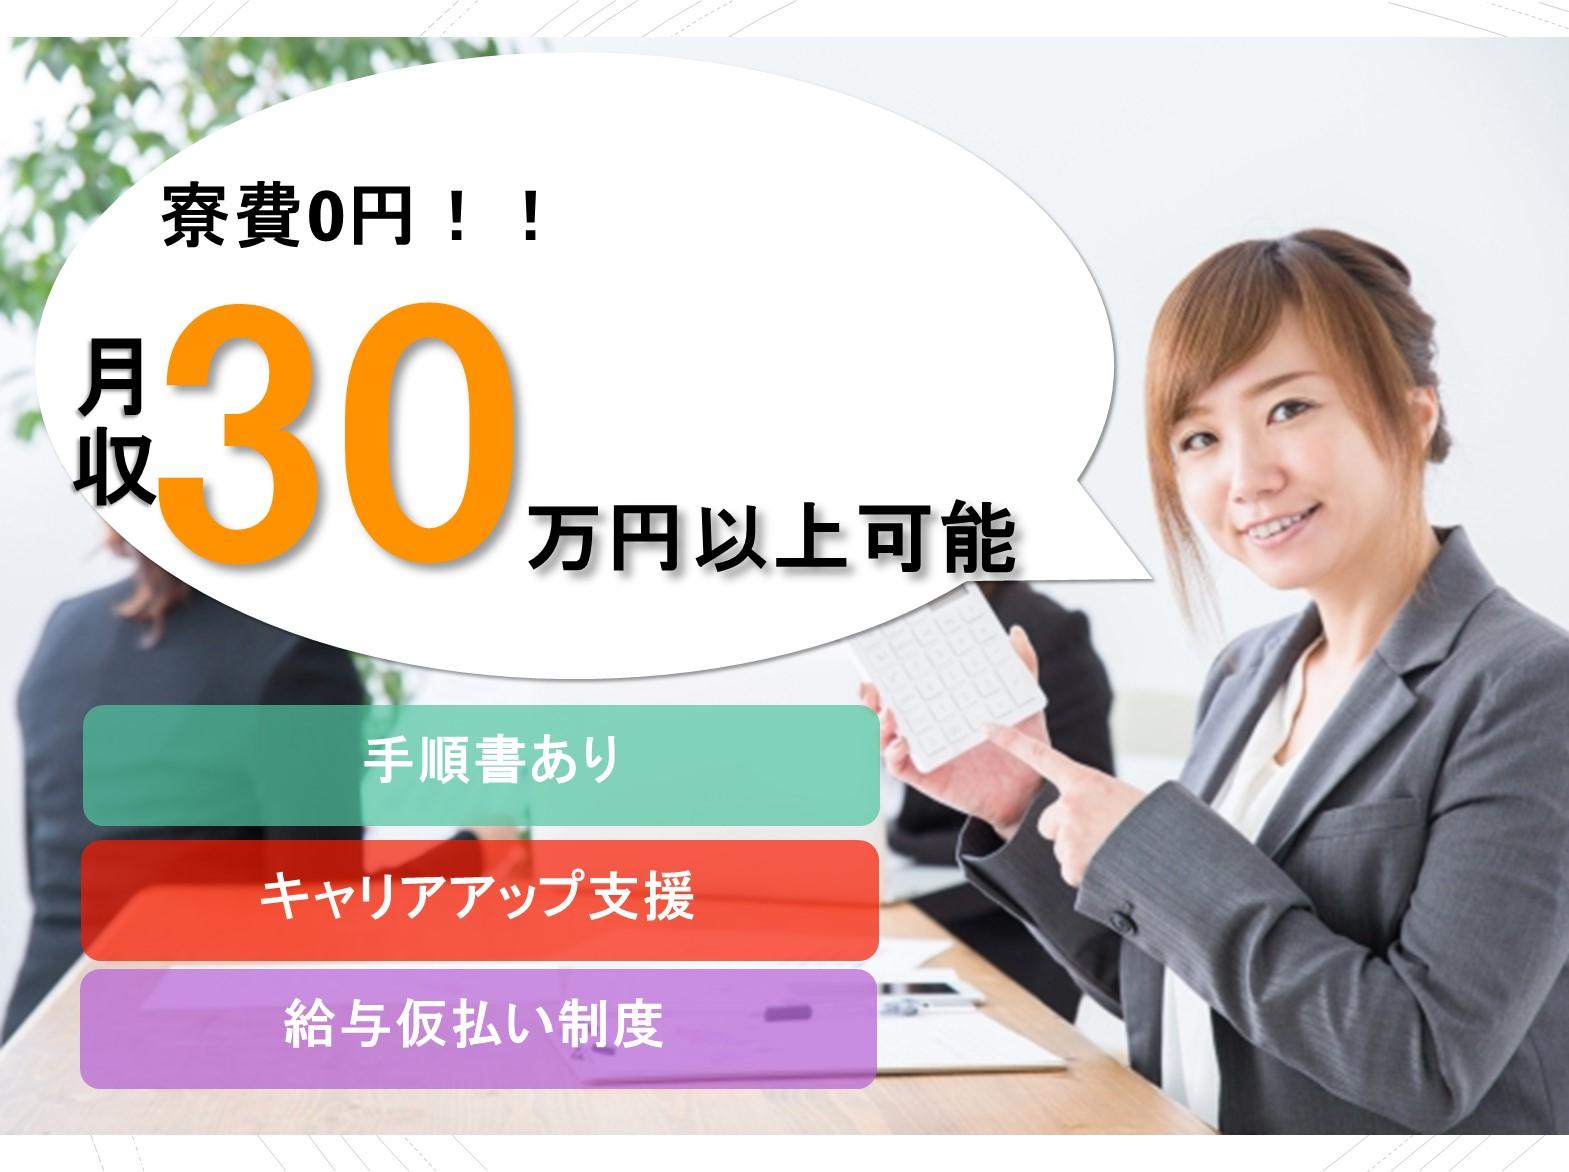 寮費0円!月収30万円以上可能!設備への部品供給・検査業務 イメージ